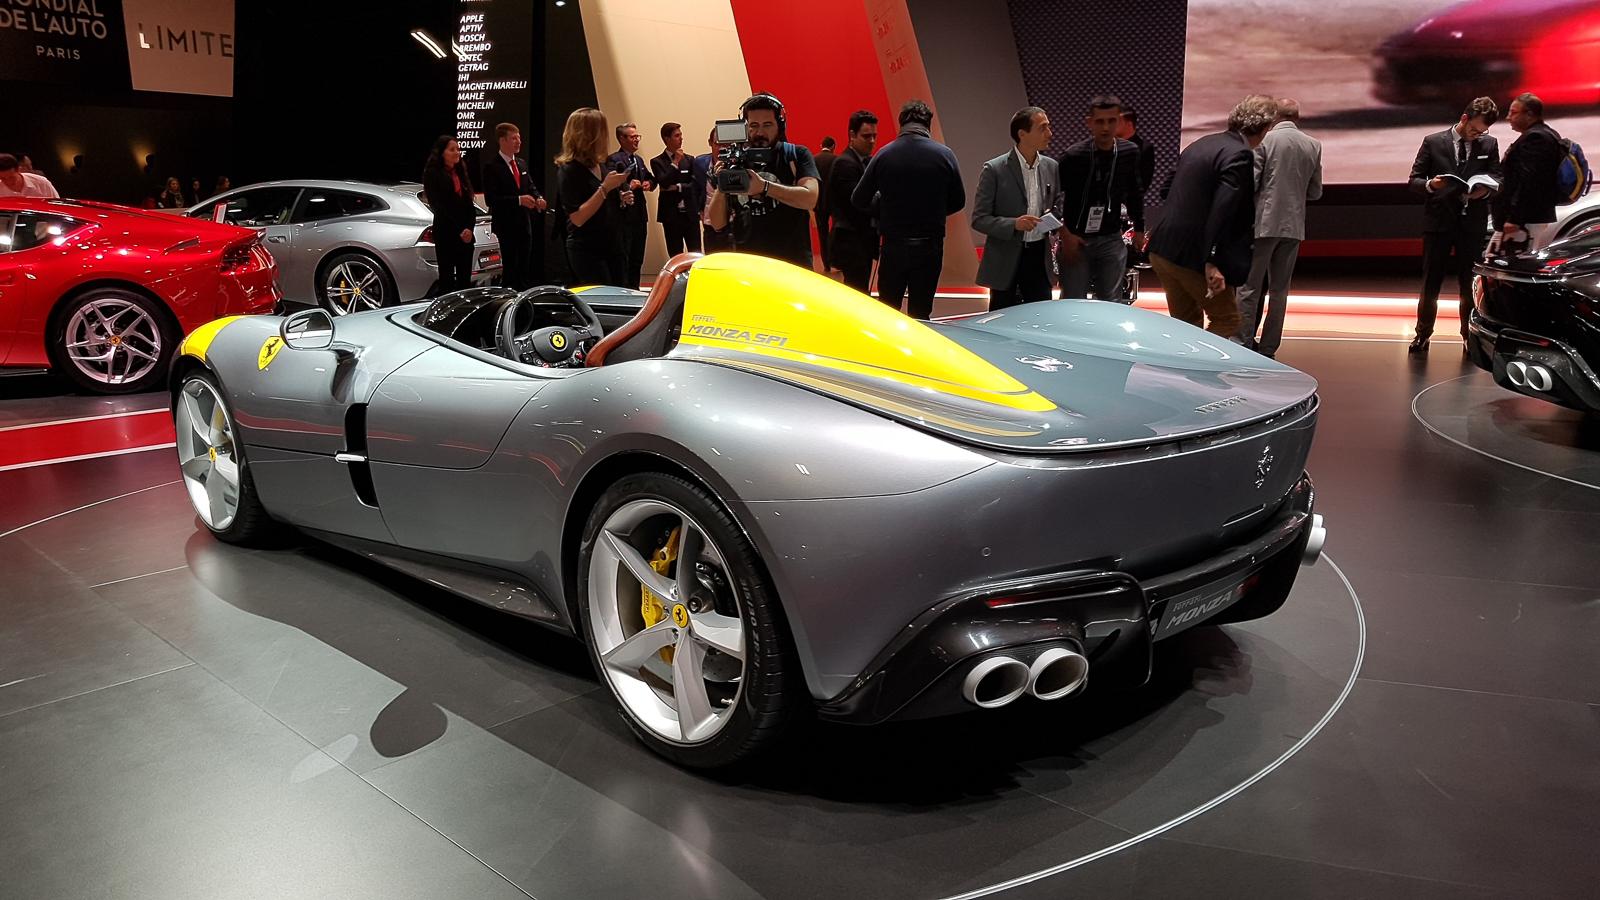 Ferrari презентовала в Париже два невероятно крутых суперкара 2